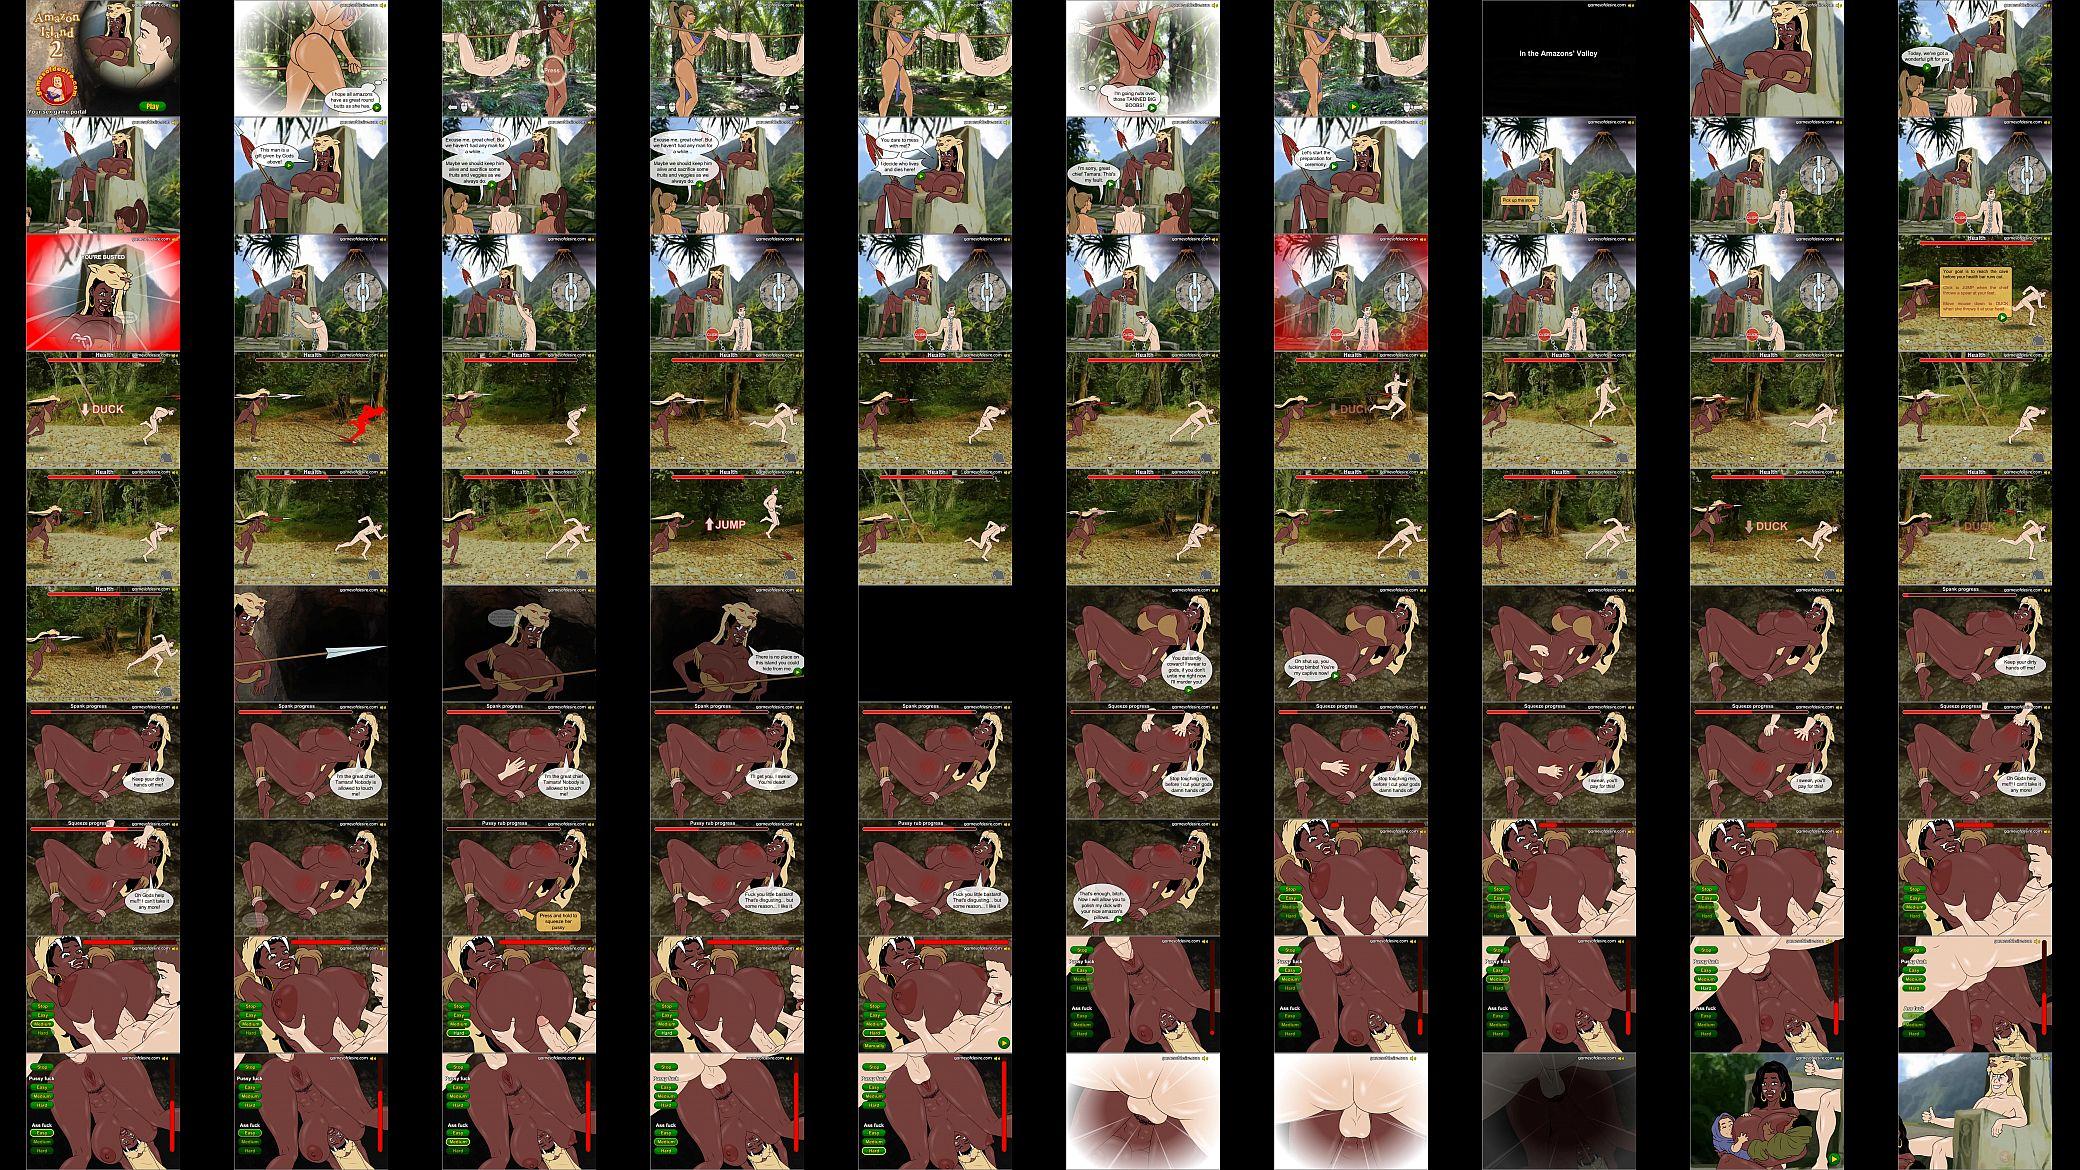 Amizone Porn Animated amazon island 2 - xnxx